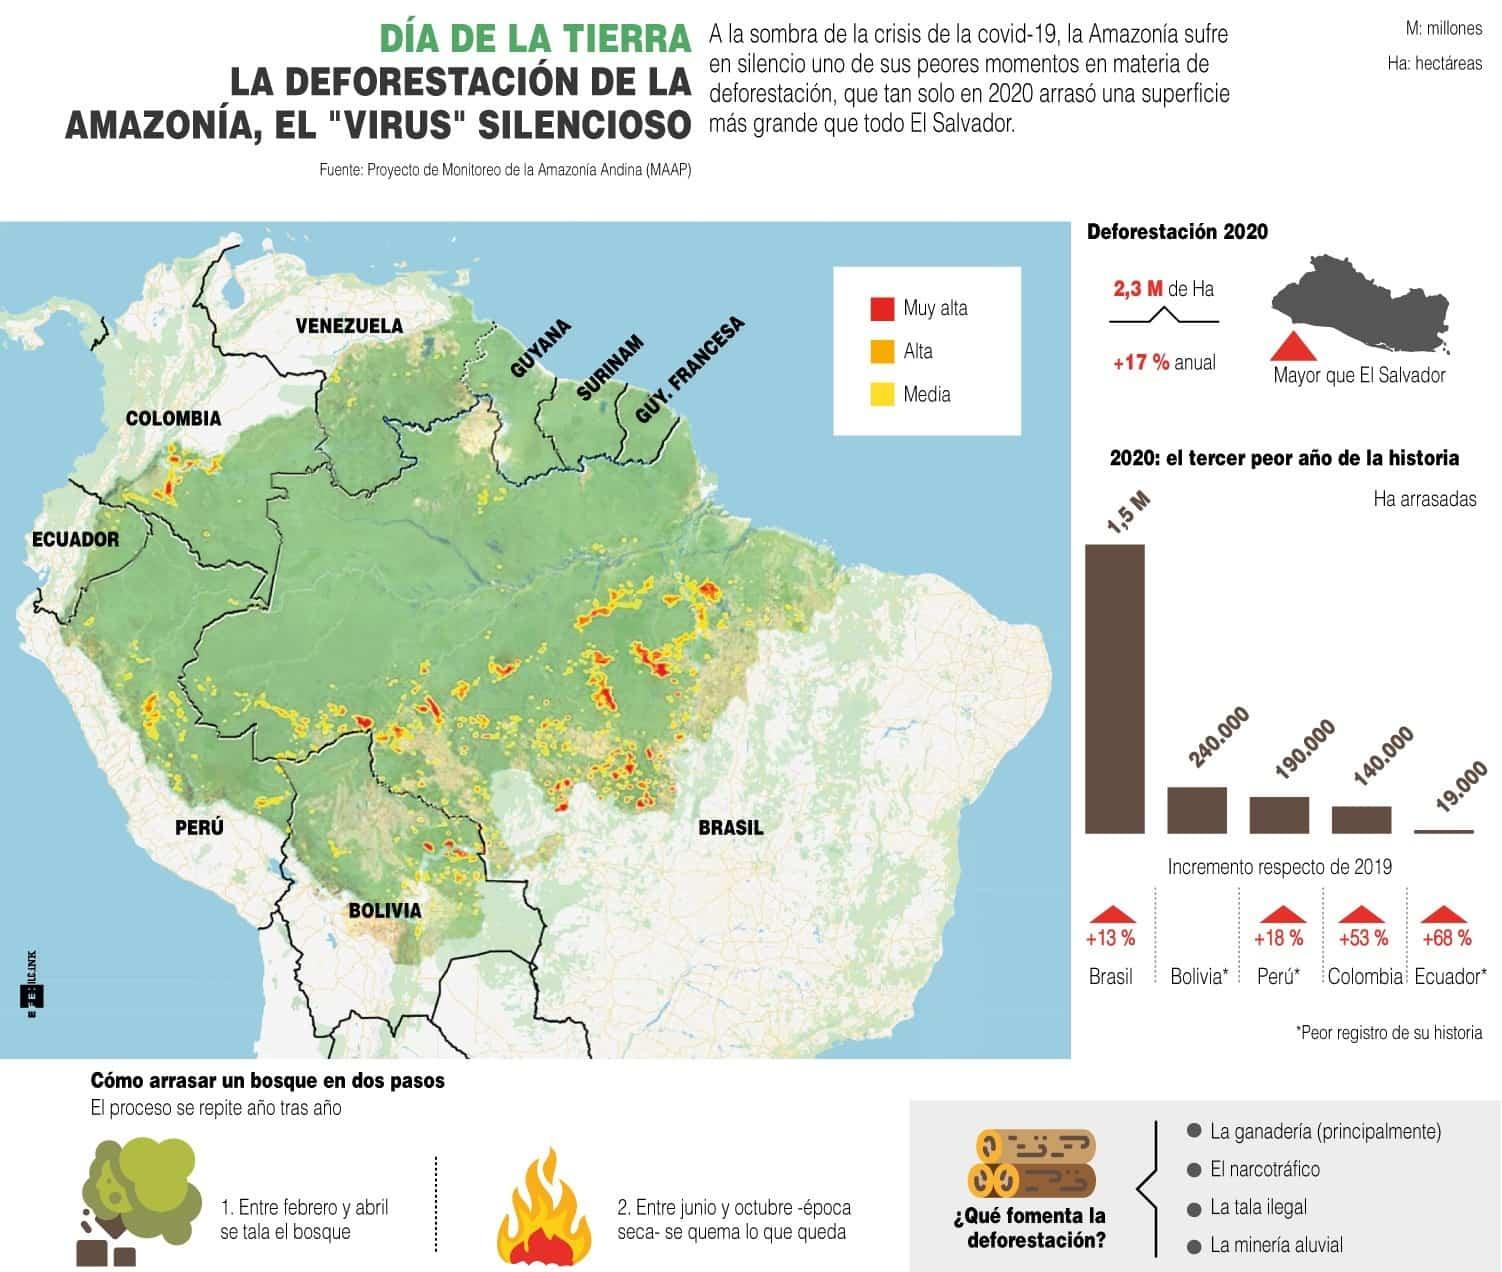 [Infografía] - Día de la Tierra - La deforestación de la Amazonía, el virus silencioso 1